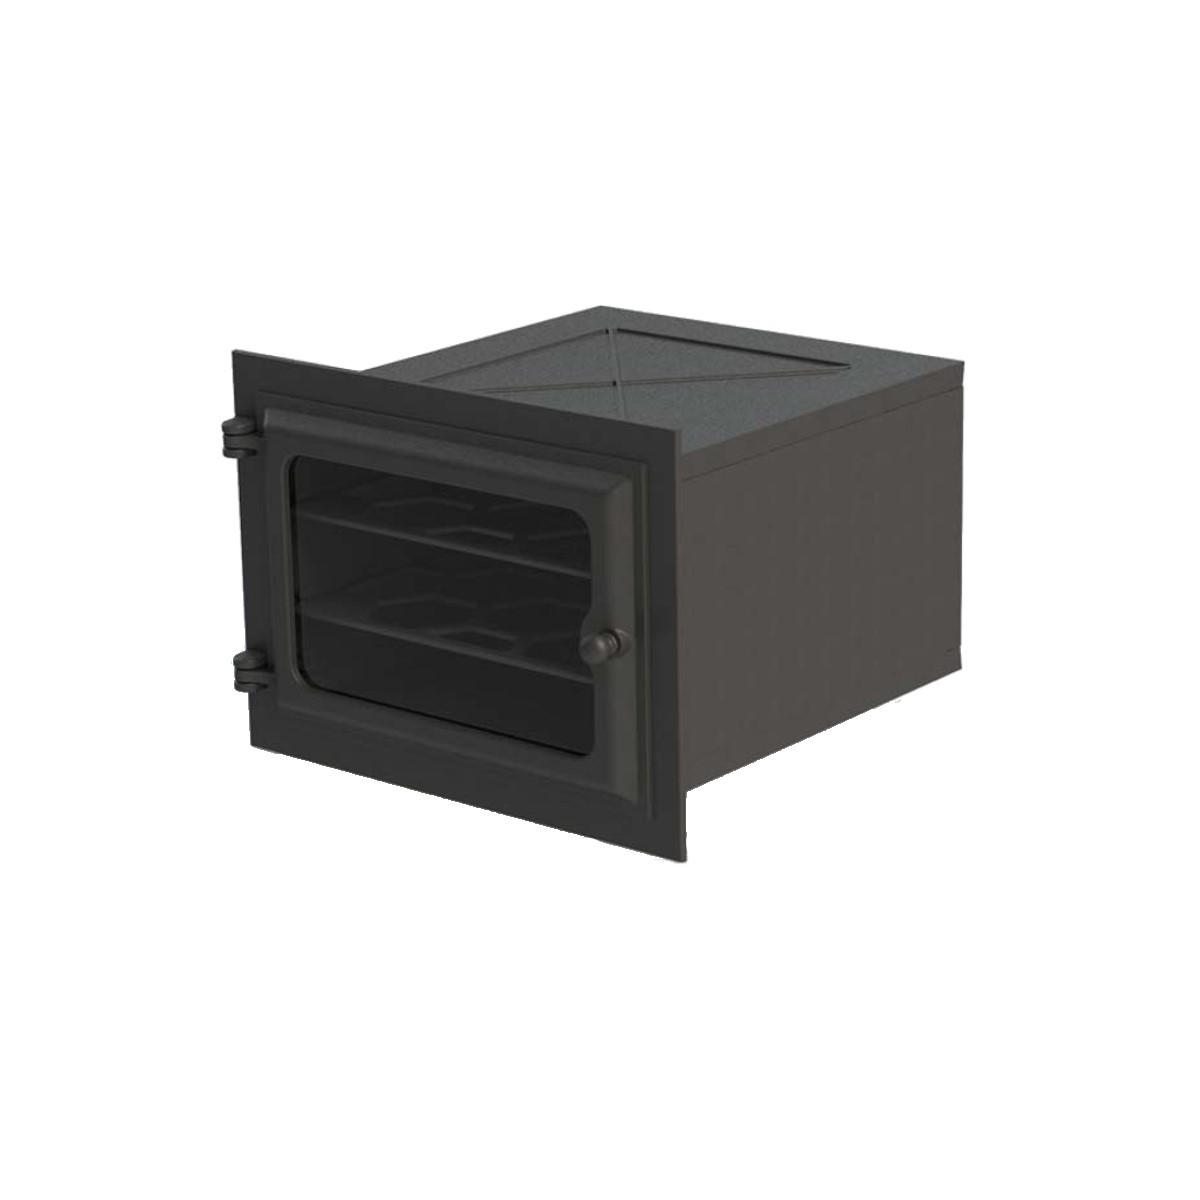 Forno de Ferro com Vidro - Modelo Libaneza 51x45,5x30,5 Cm  - Panela de Ferro Fundido